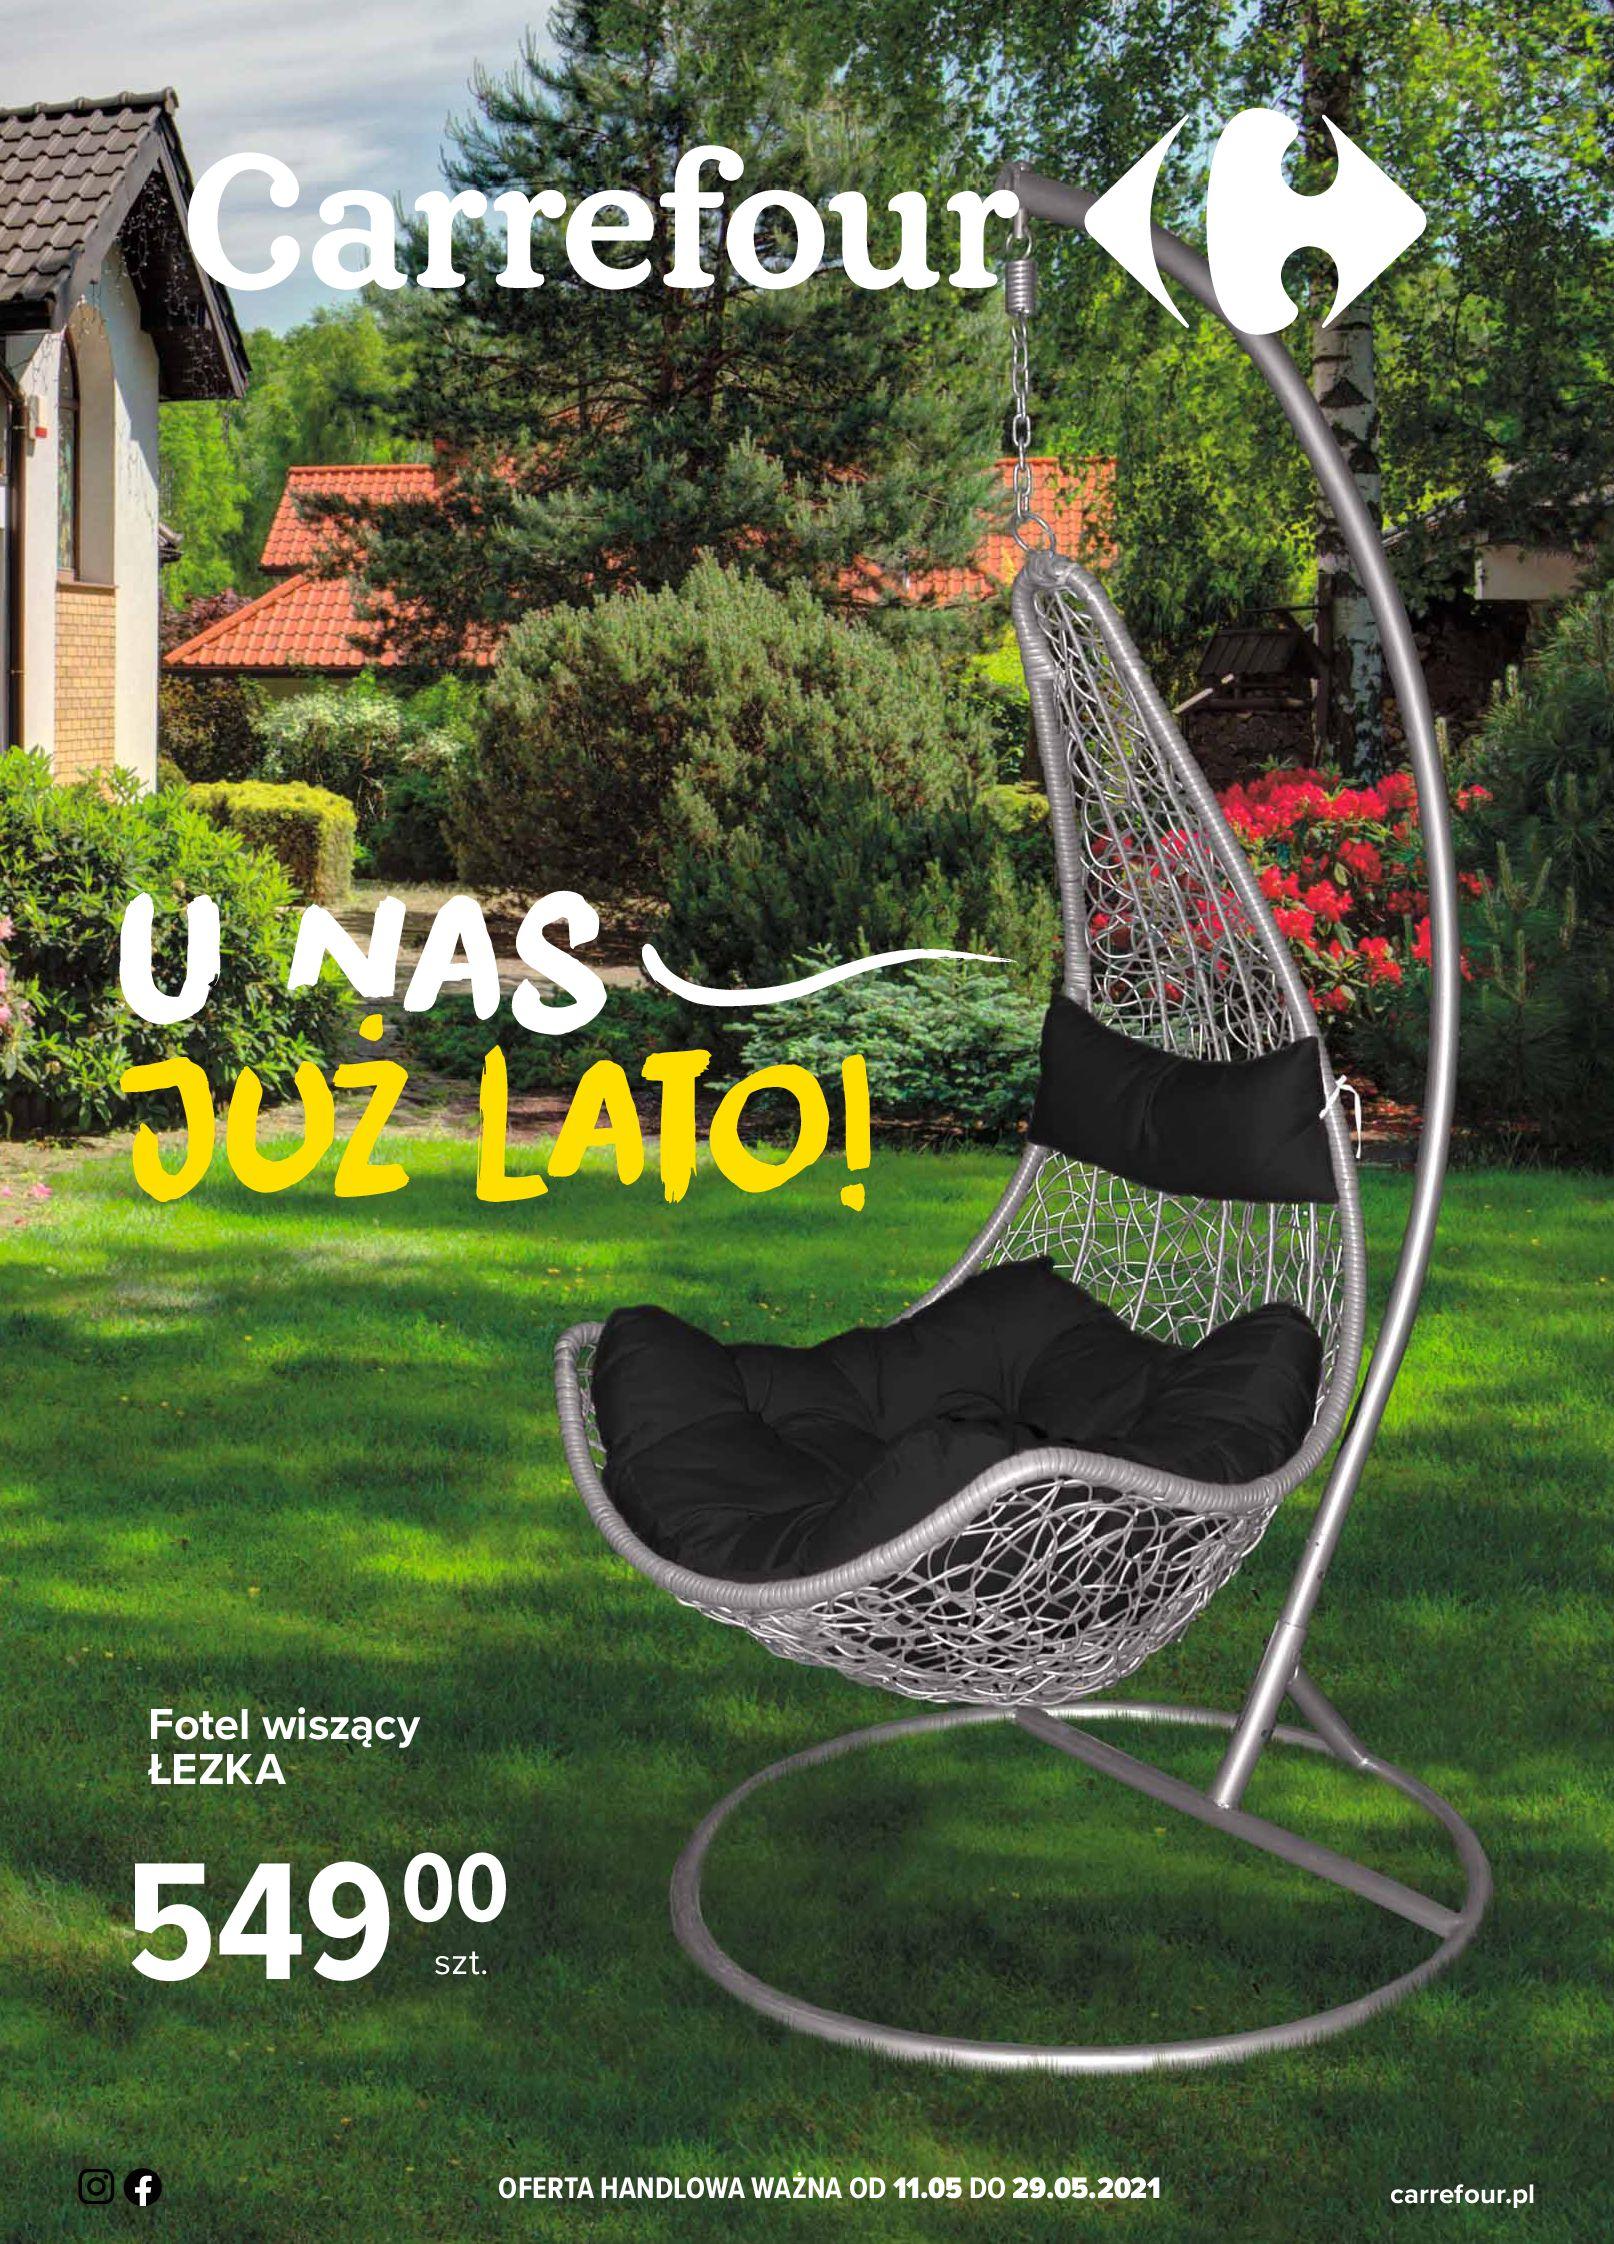 Carrefour:  Gazetka Carrefour - U nas już lato! 10.05.2021